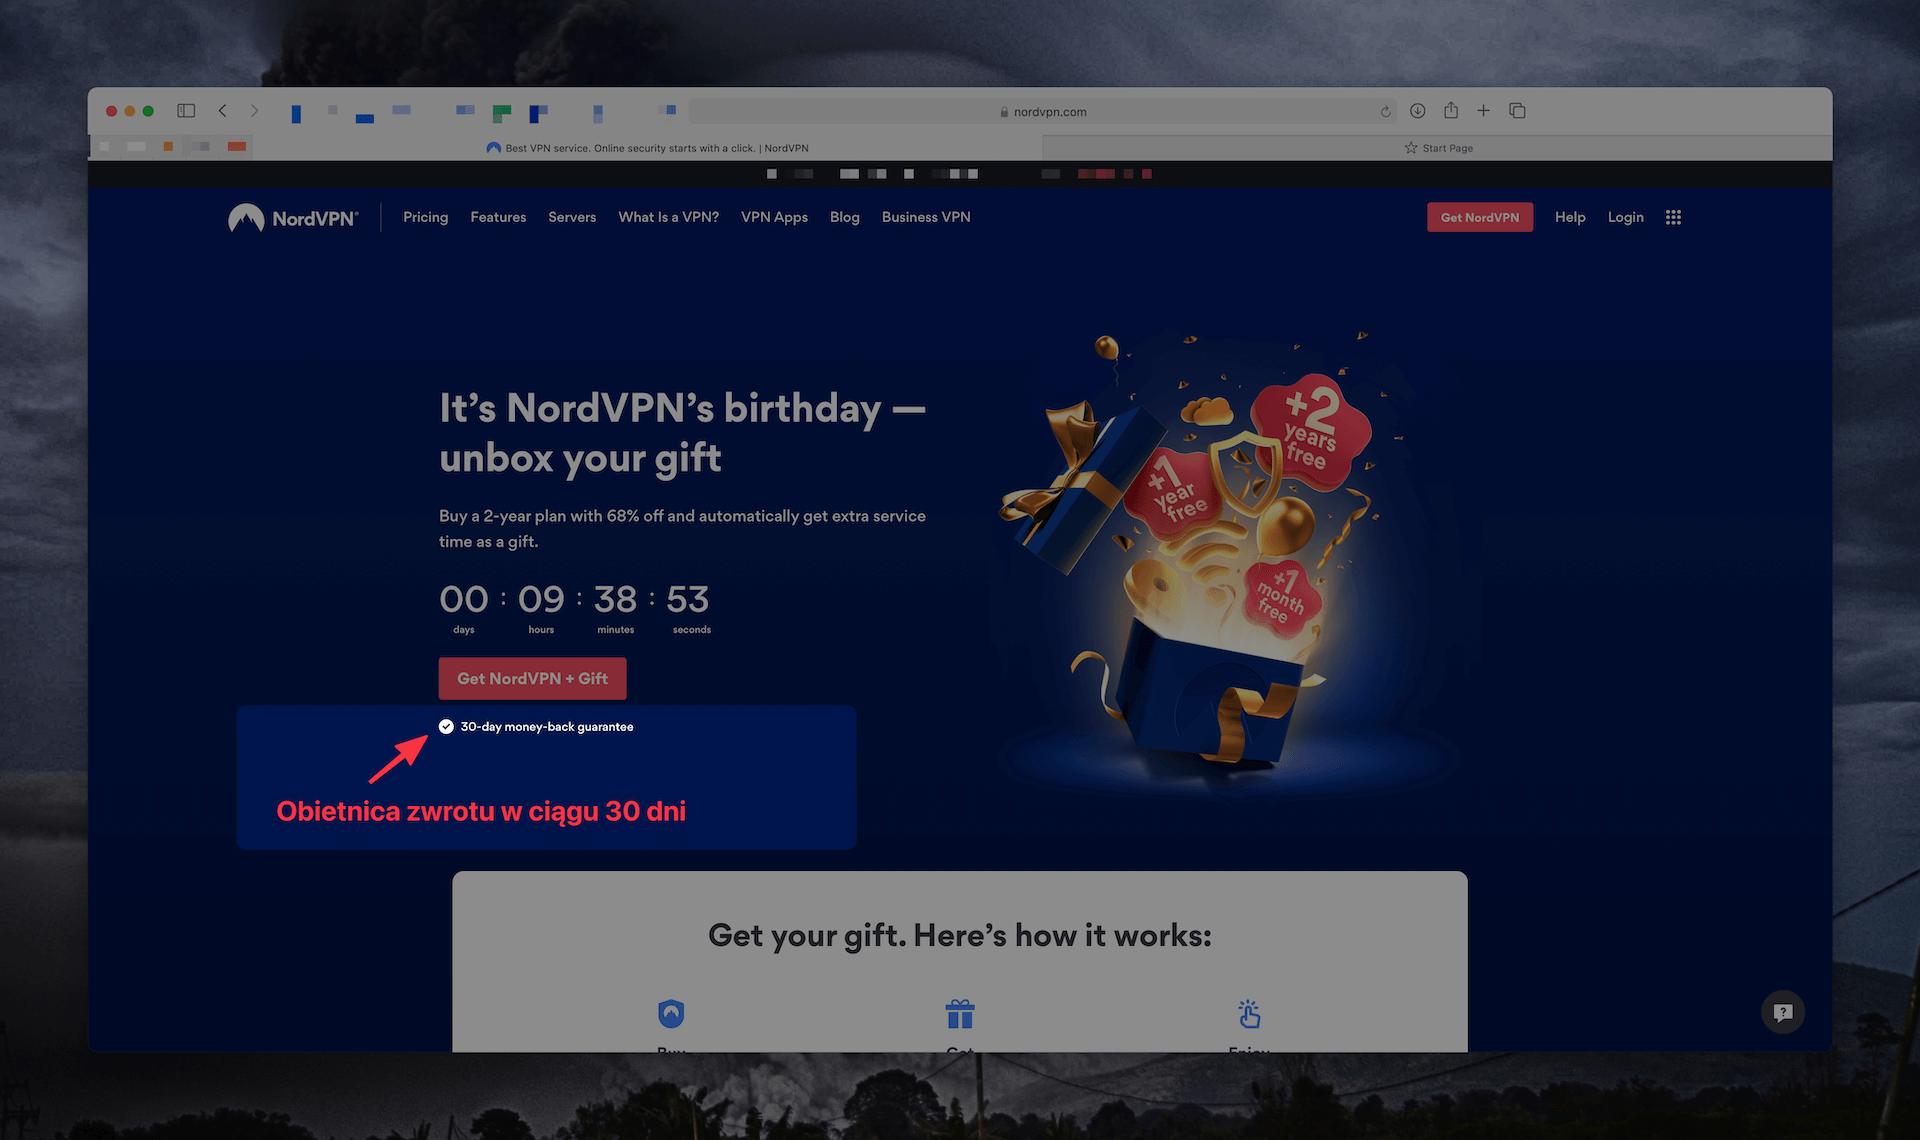 NordVPN obiecuje zwrot pieniędzy w ciągu 30 dni